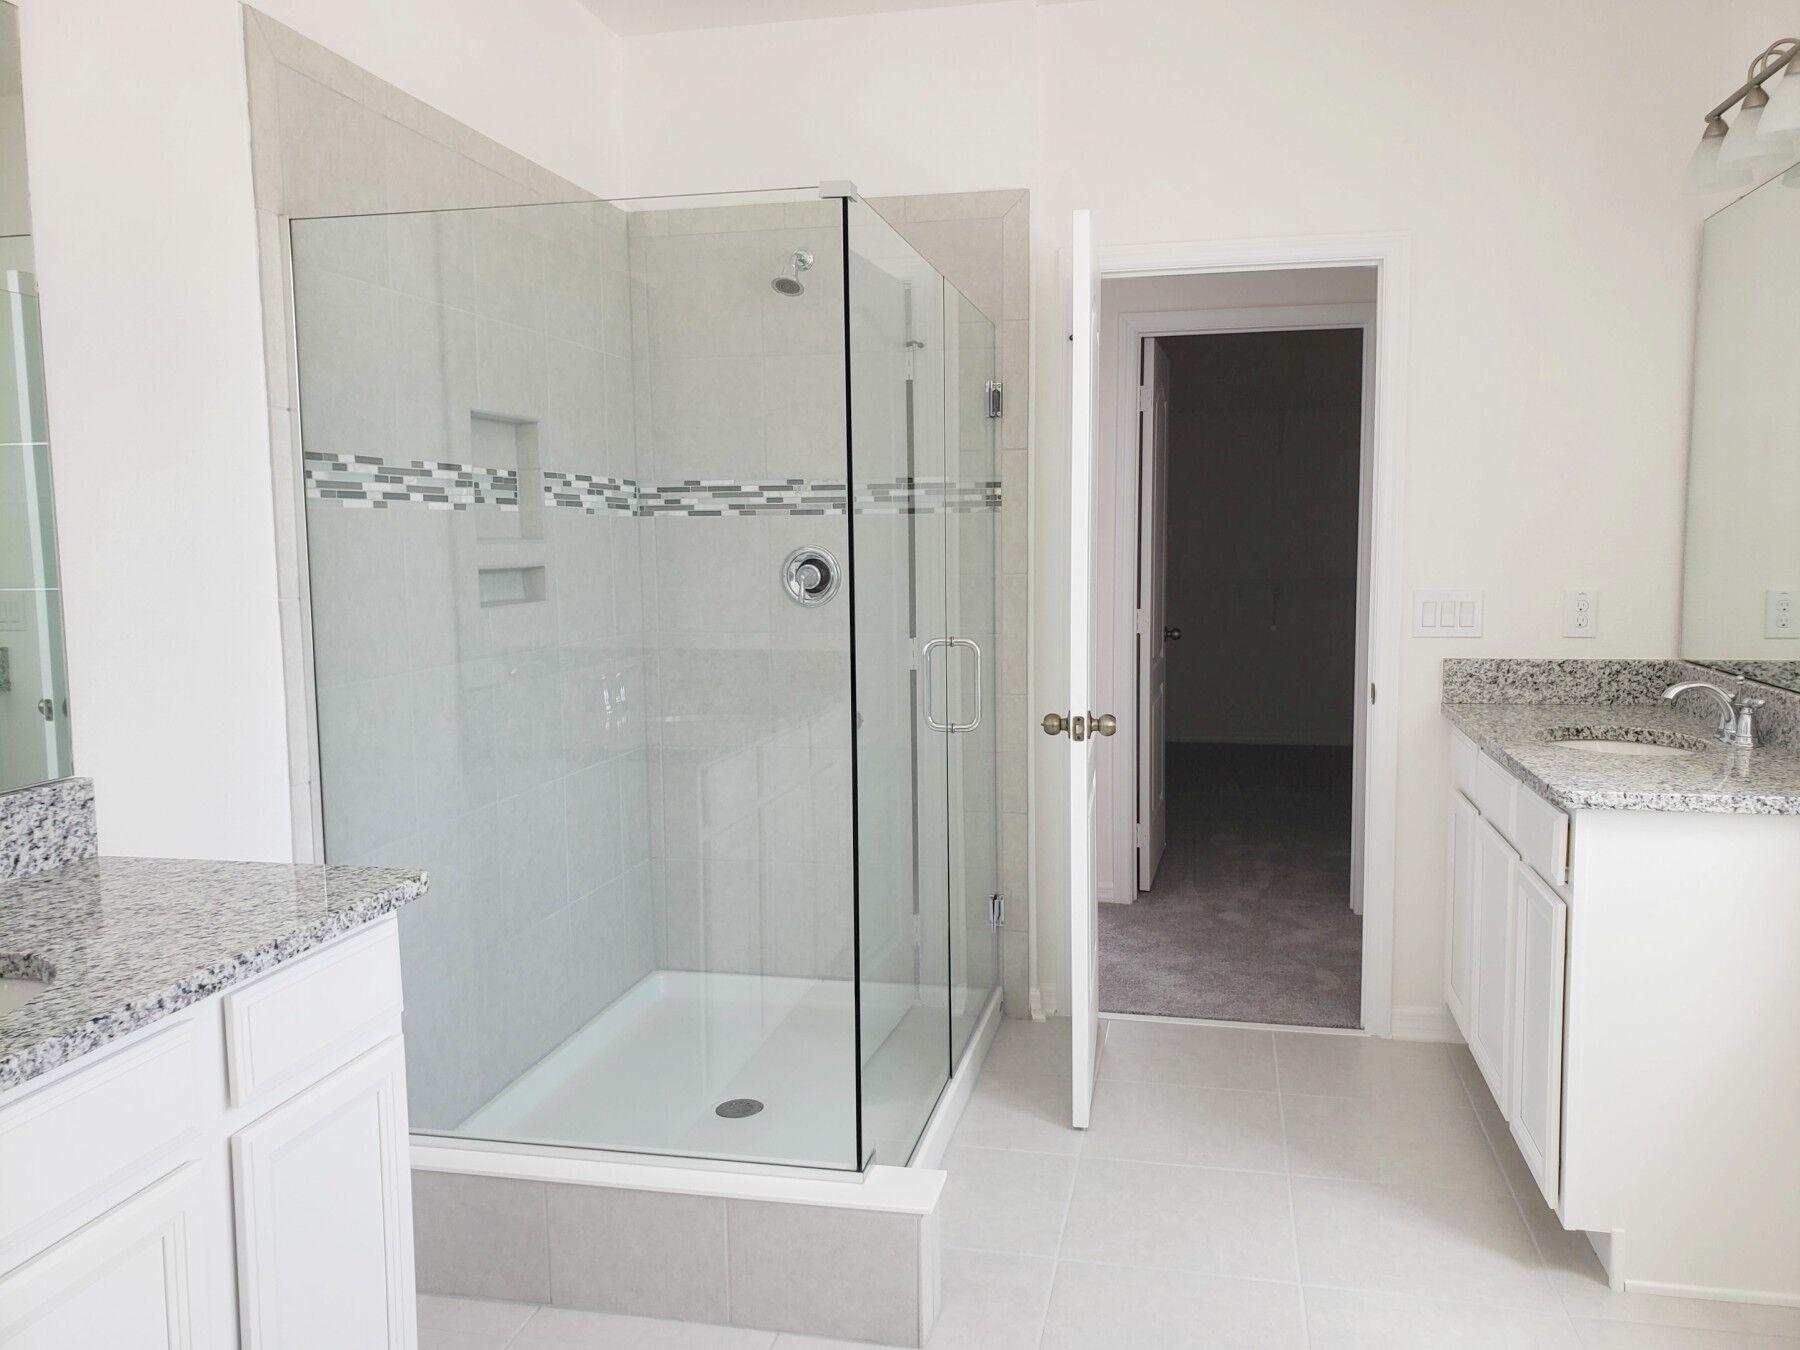 Bungalow Series Owner's Bathroom